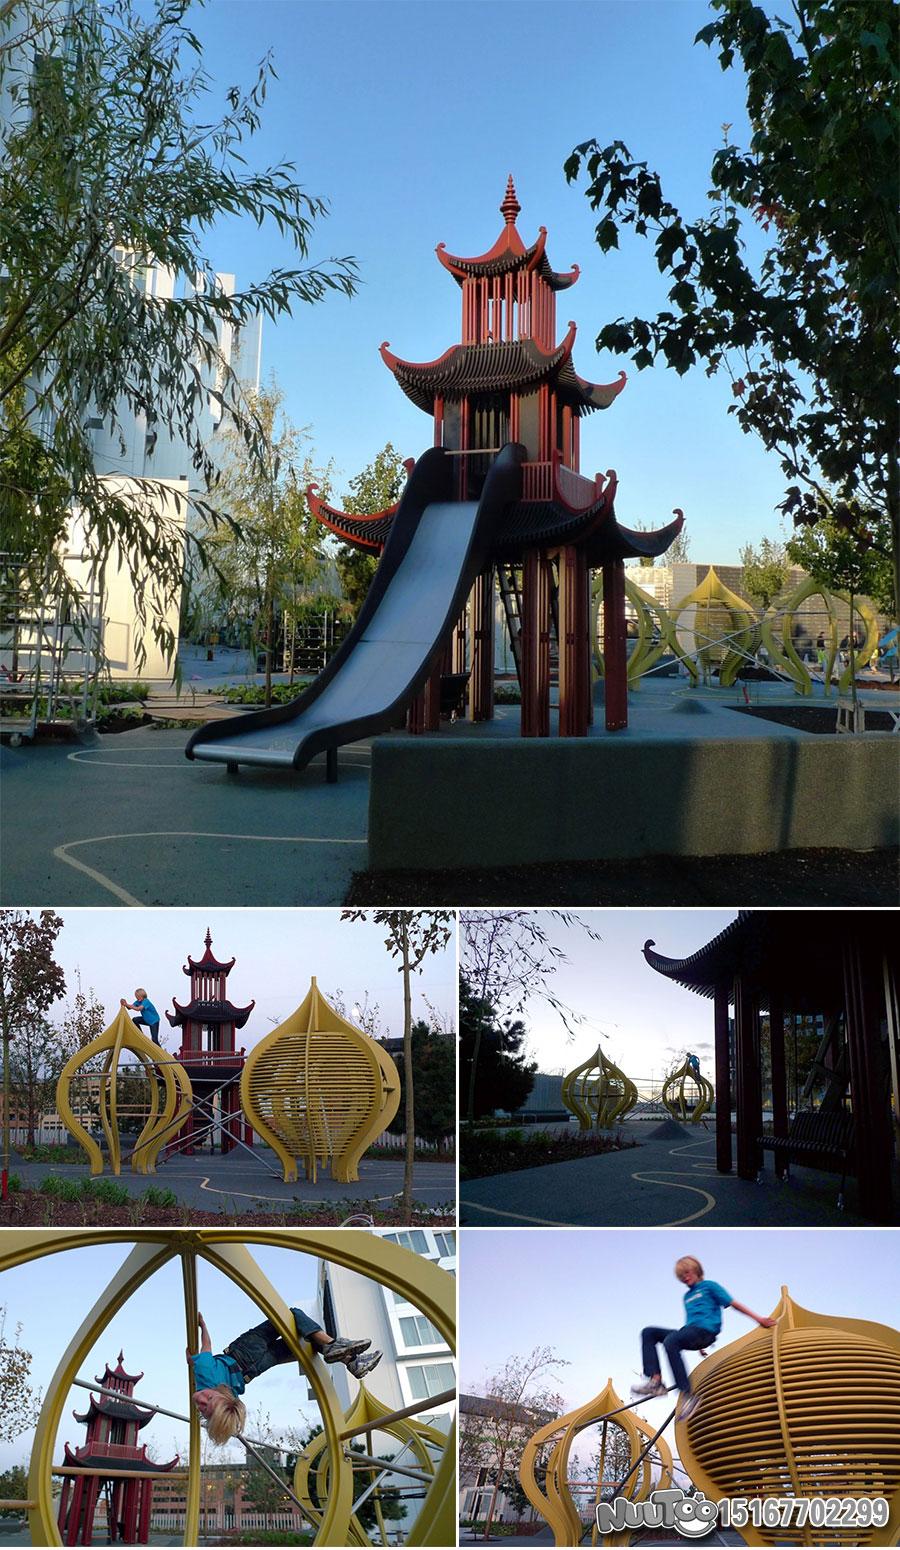 非标游乐+个性化游乐场+游乐设备+游乐设施+户外儿童游乐设施_06